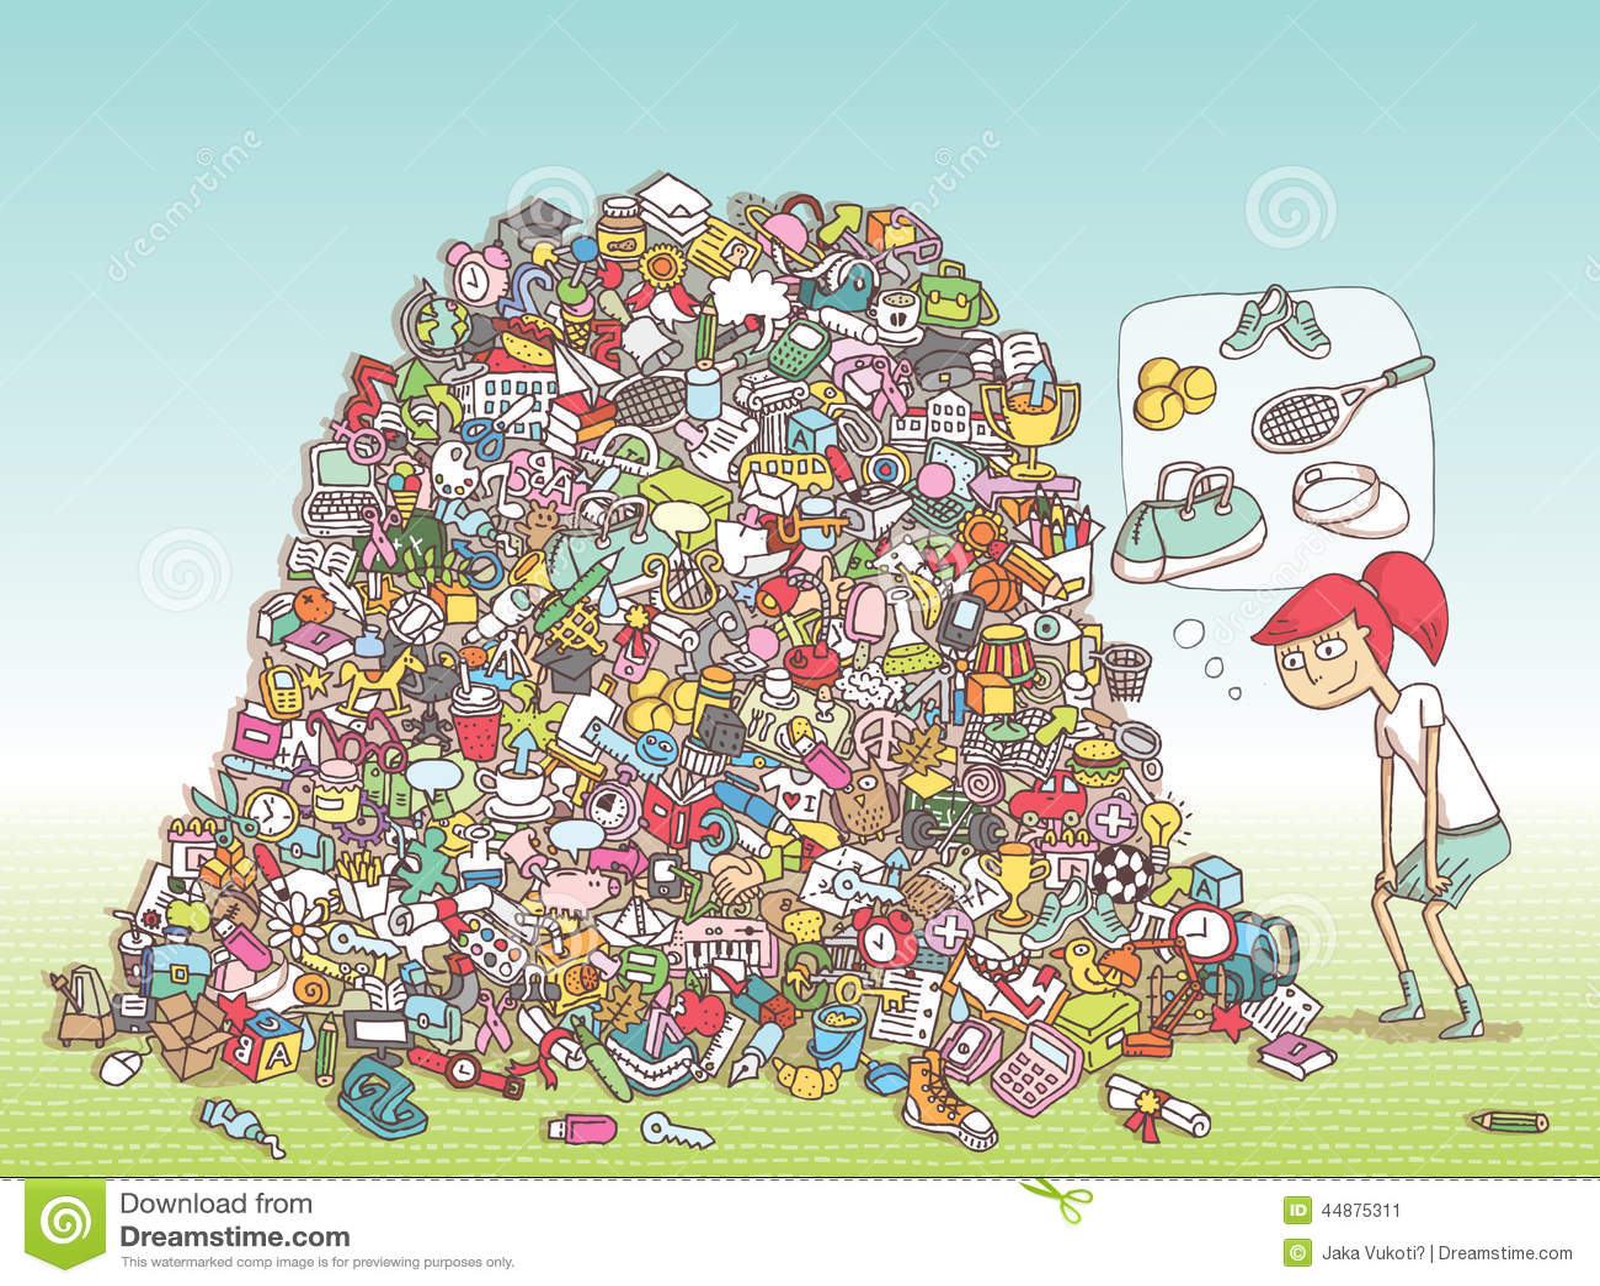 Encontre o jogo do Visual dos objetos Solução na camada escondida!